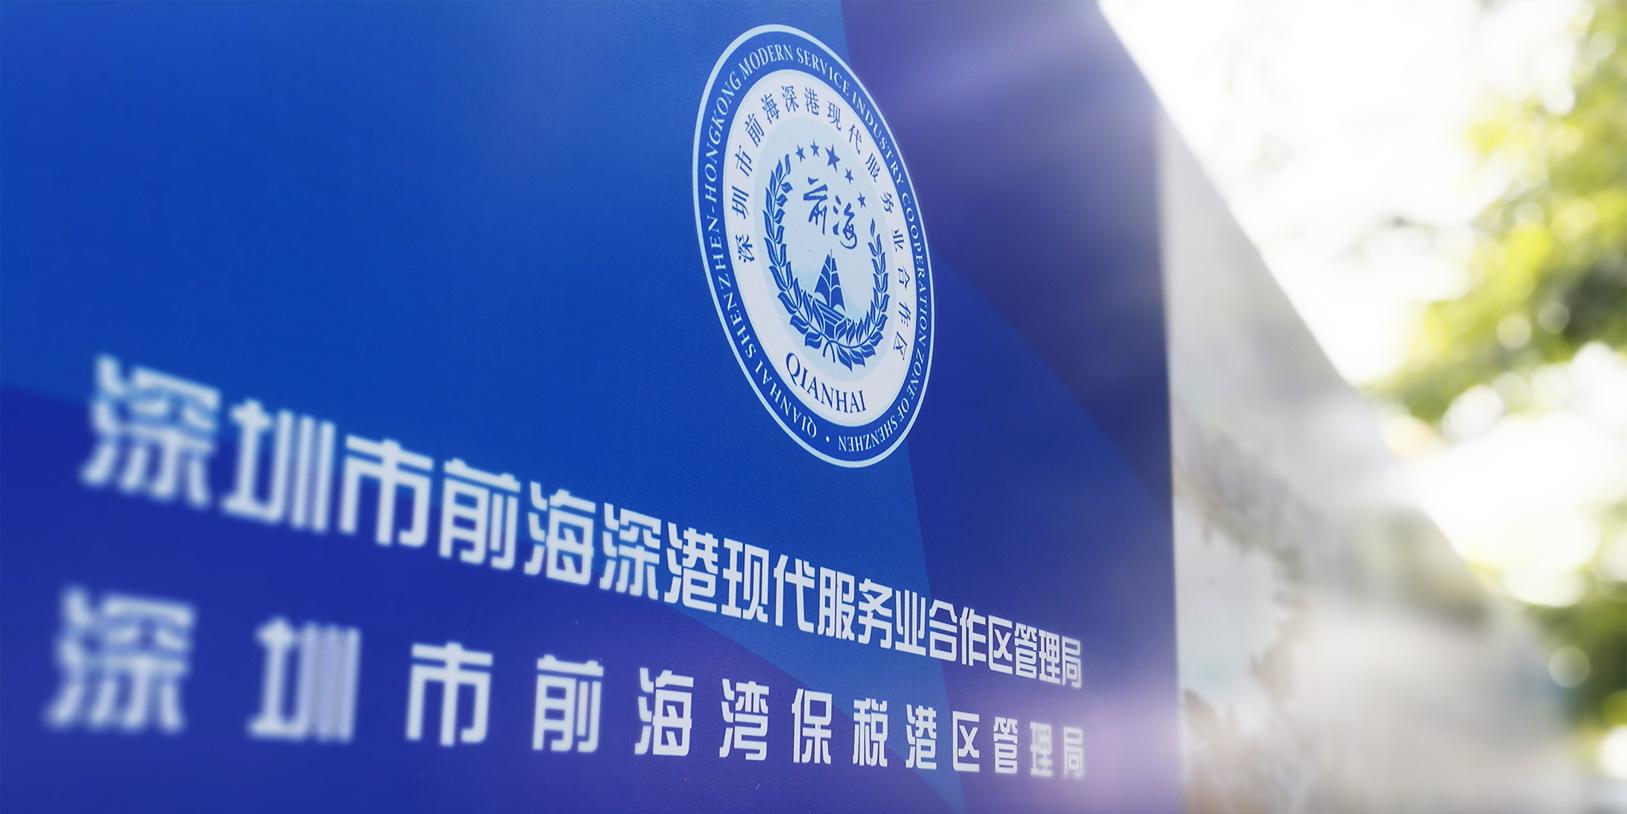 前海合作区宣传推广-深圳VI设计1